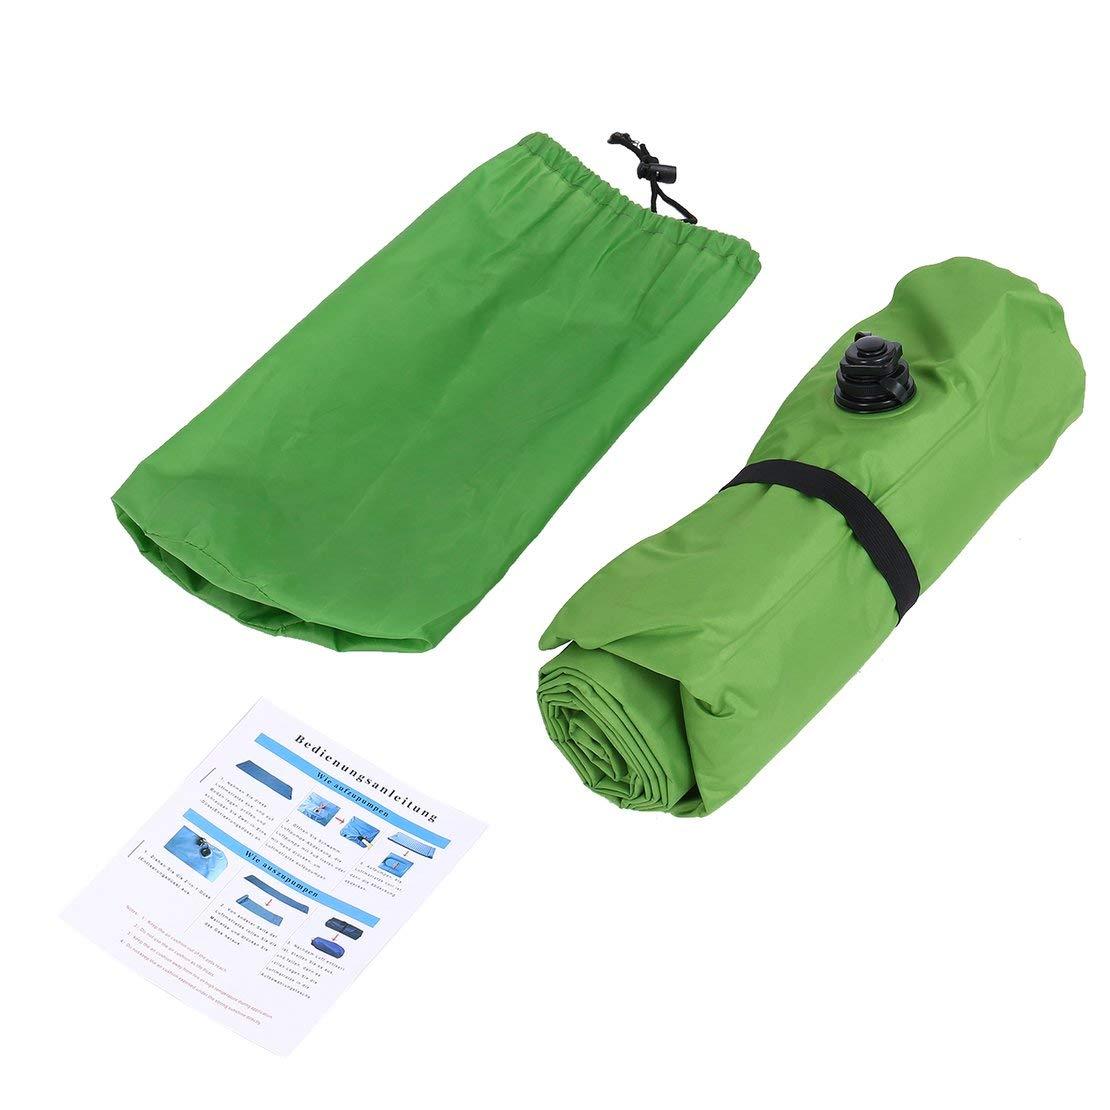 Sanzhileg Ultralight Aufblasbare Schlafmatte Matratze Kompakte Wasserdichte Matte für Camping Wandern Travling Outdoor Aktivitäten - Grün